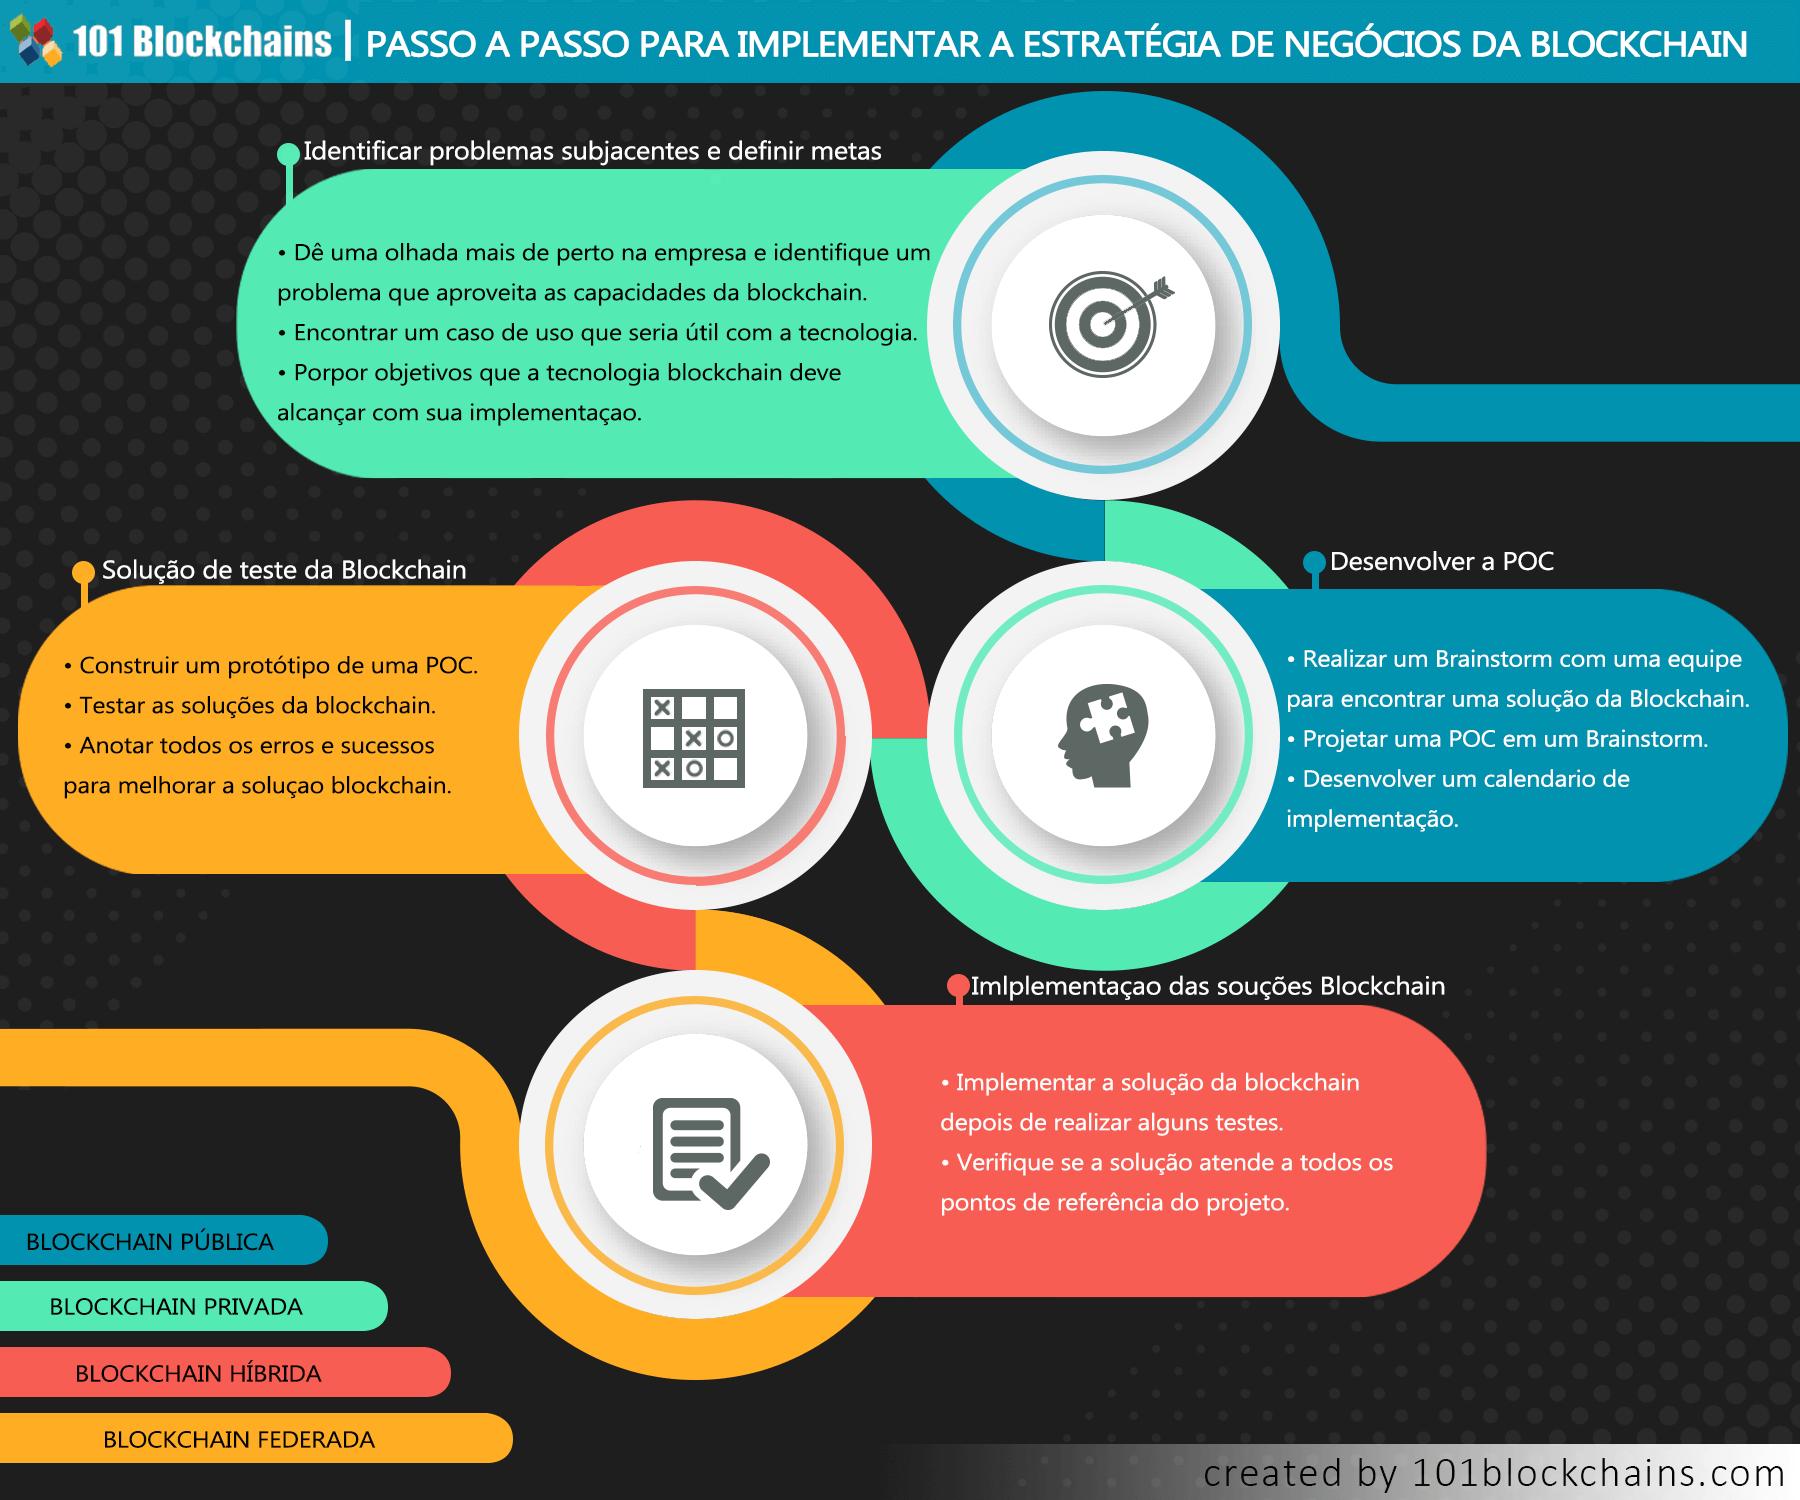 passo a passo para implementar a estratégia de negócios da blockchain